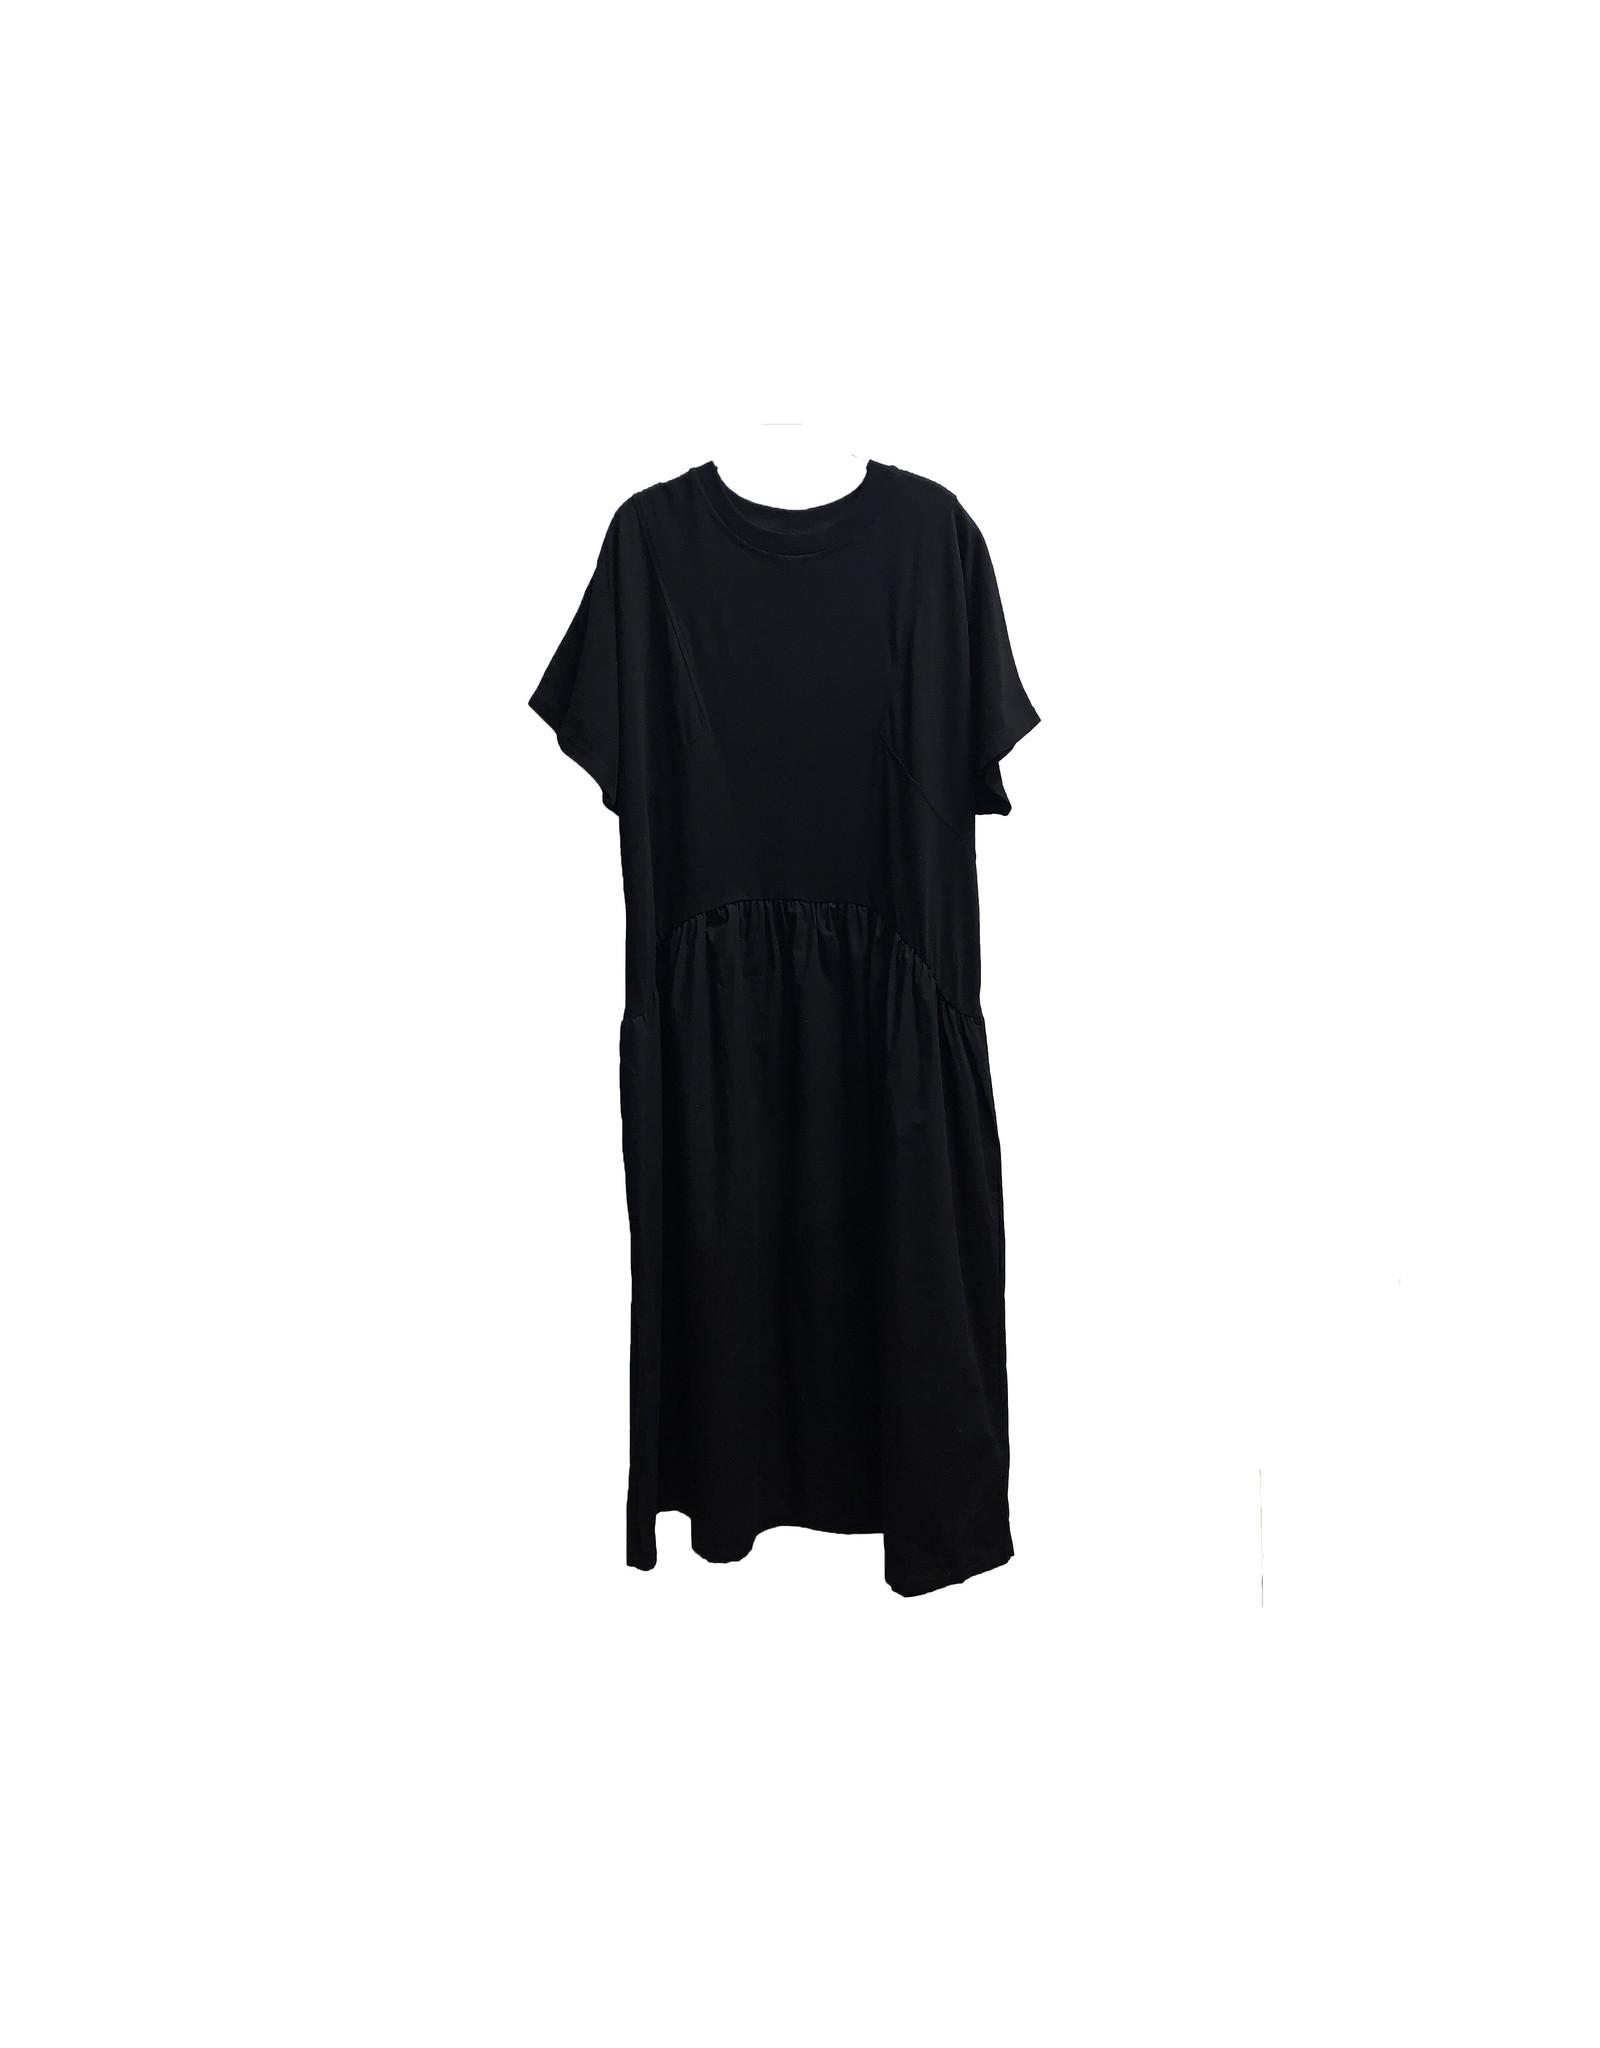 TOPSHOP Topshop Dress